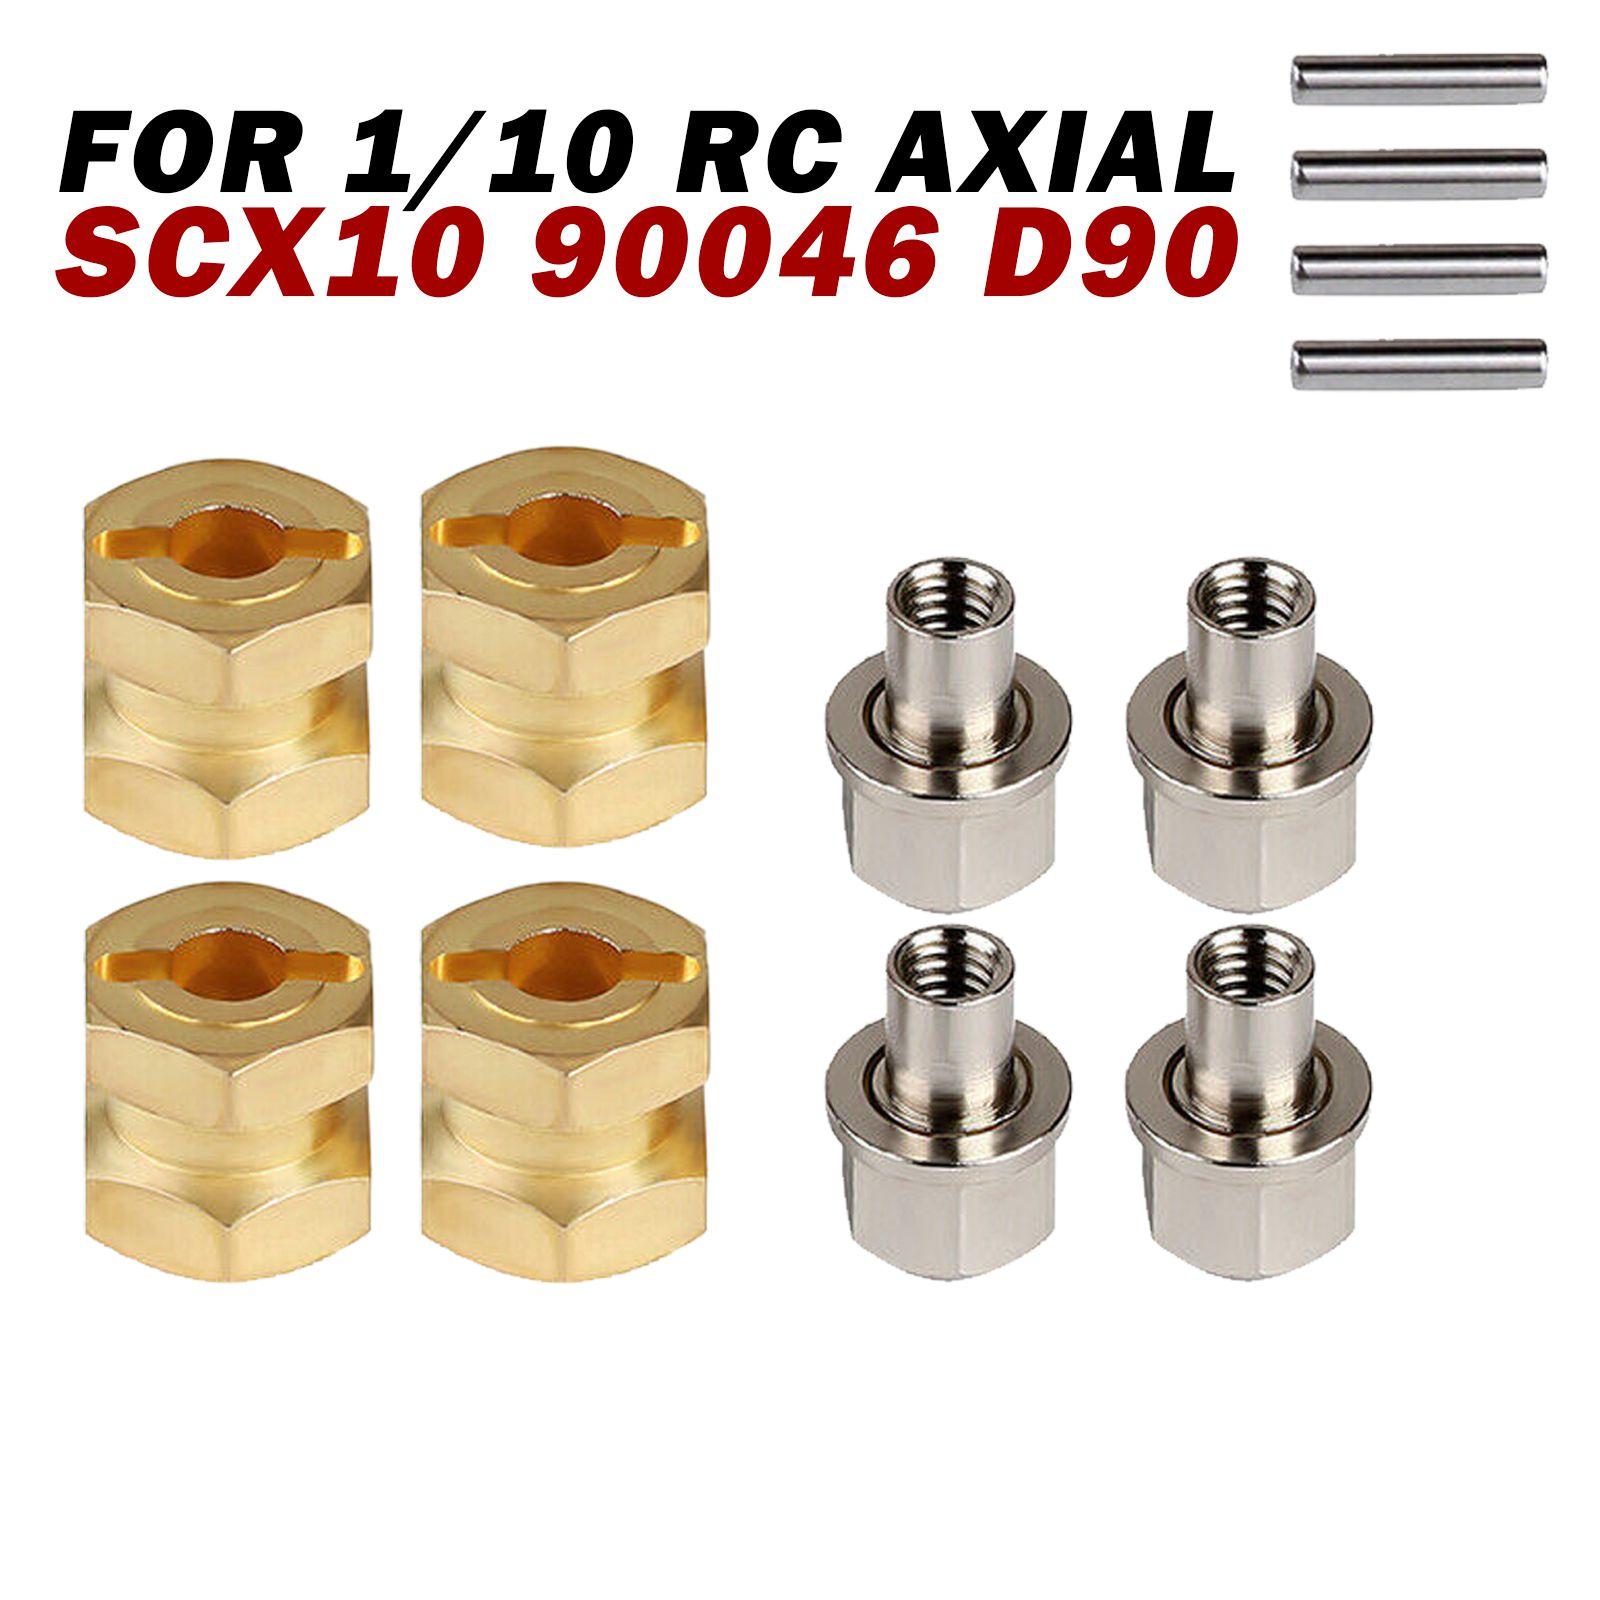 12 мм тяжелый латунный шестигранный удлиненный адаптер для 1/10 Axial SCX10 90046 D90 радиоуправляемые автомобильные детали